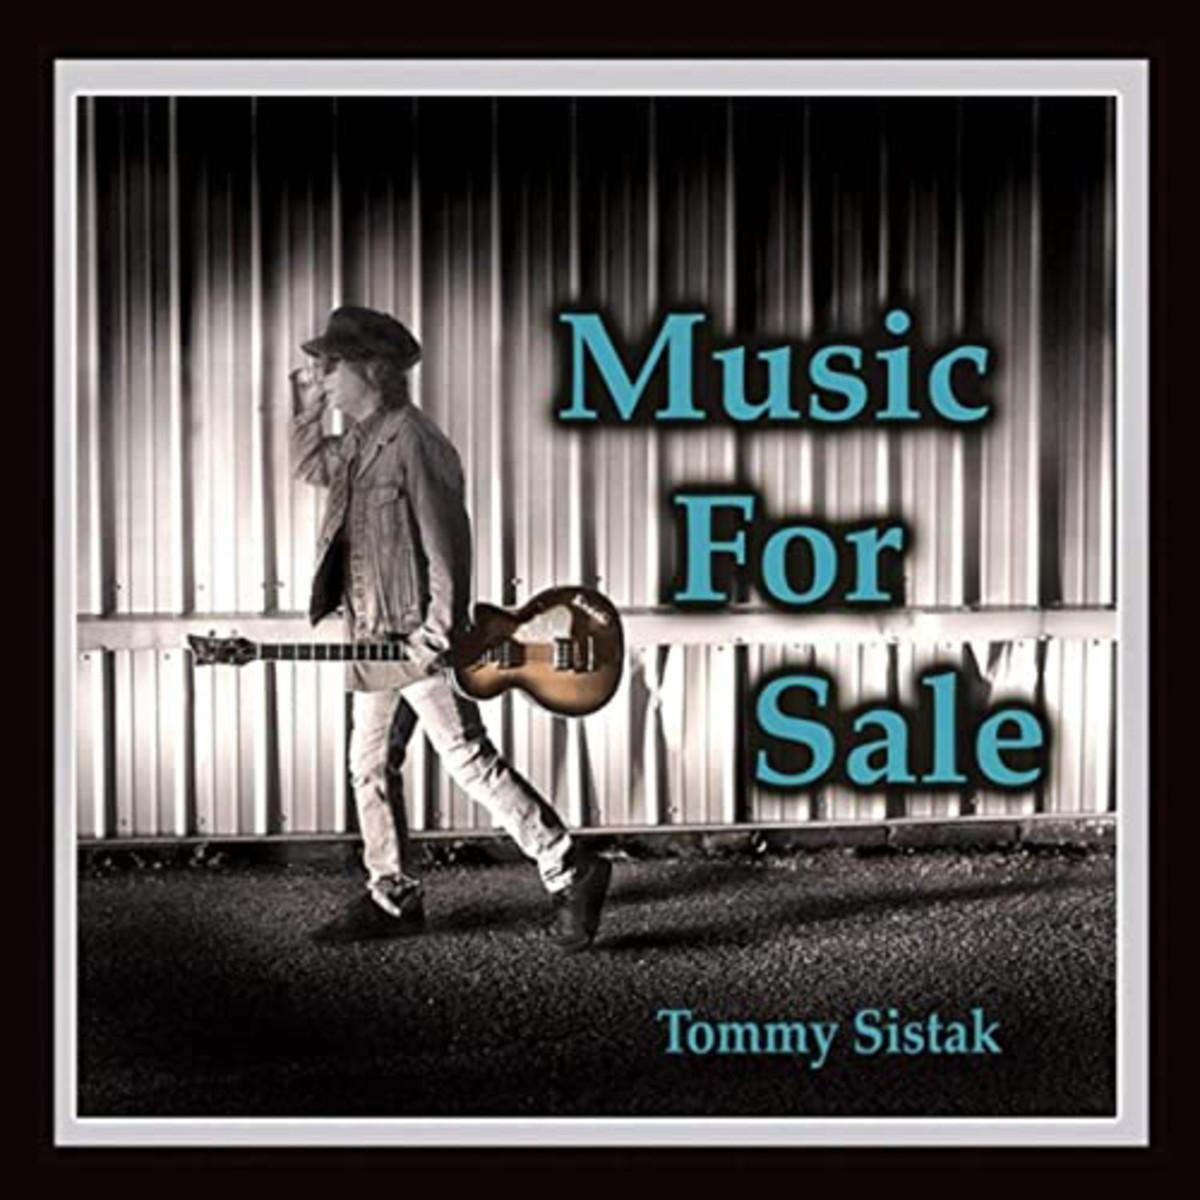 Musicfor sale